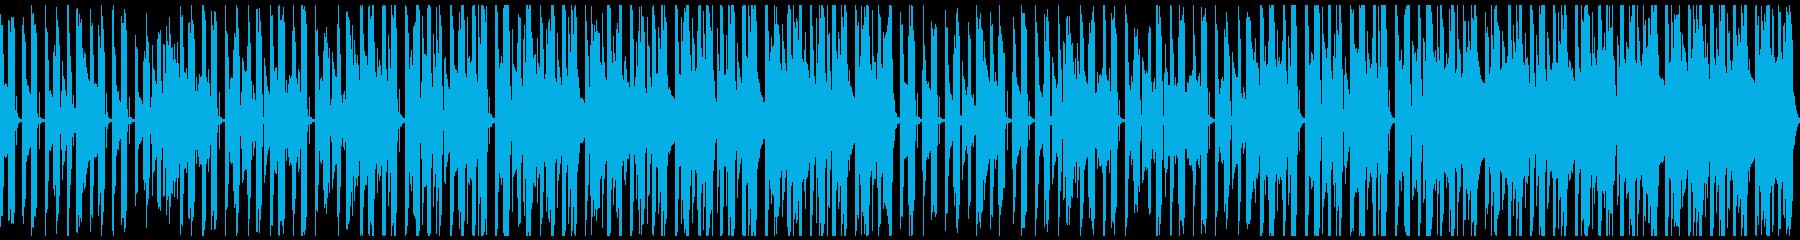 慎ましいながらも温かいイメージのアコギ曲の再生済みの波形